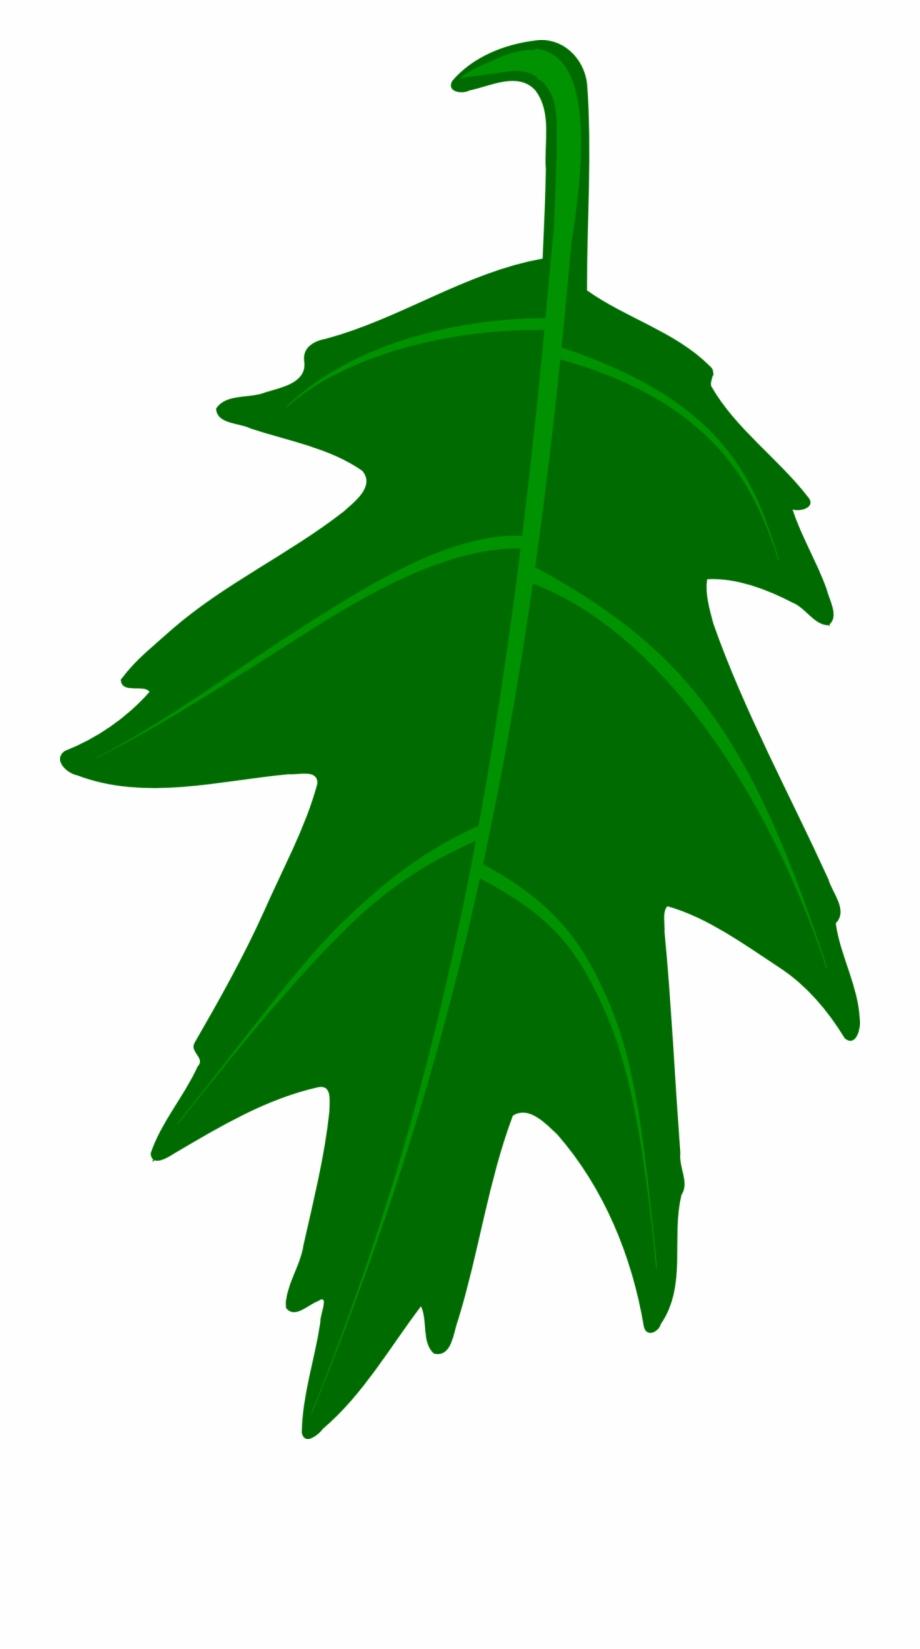 Major oak leaf clipart black and white picture transparent download Oak Leaf Vector By Mortris On Clipart Library - Green Oak Leaf ... picture transparent download